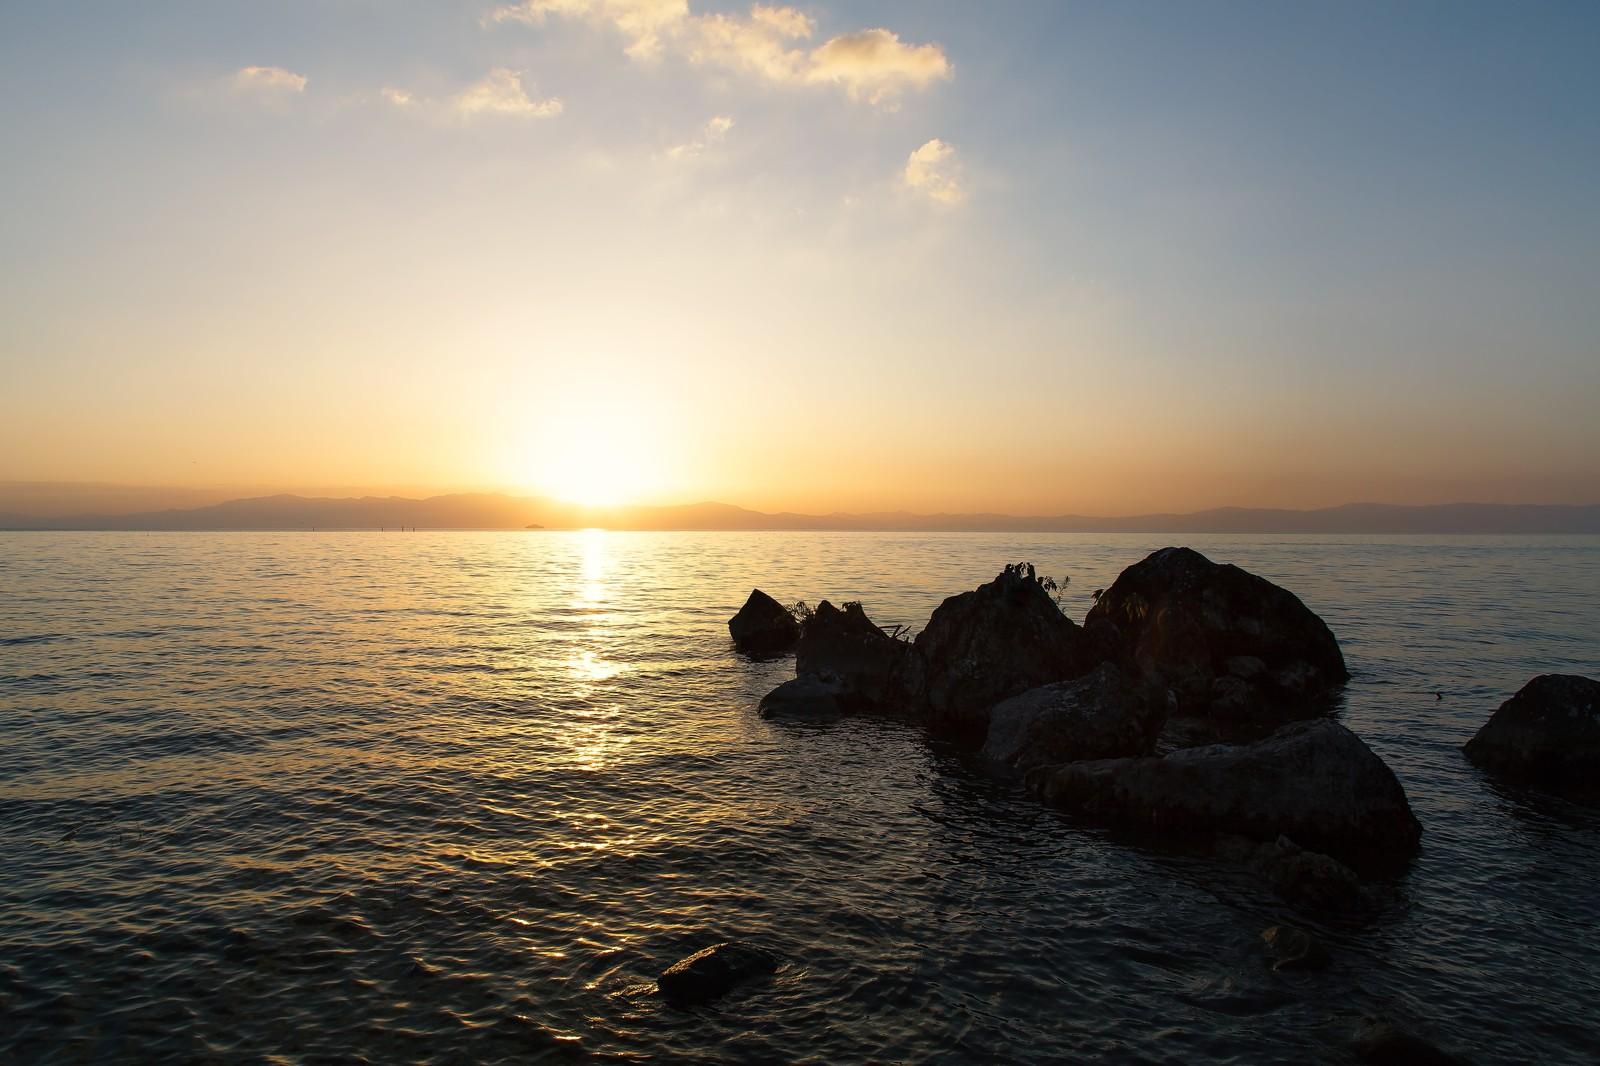 ママチャリで琵琶湖一周(ビワイチ)した話